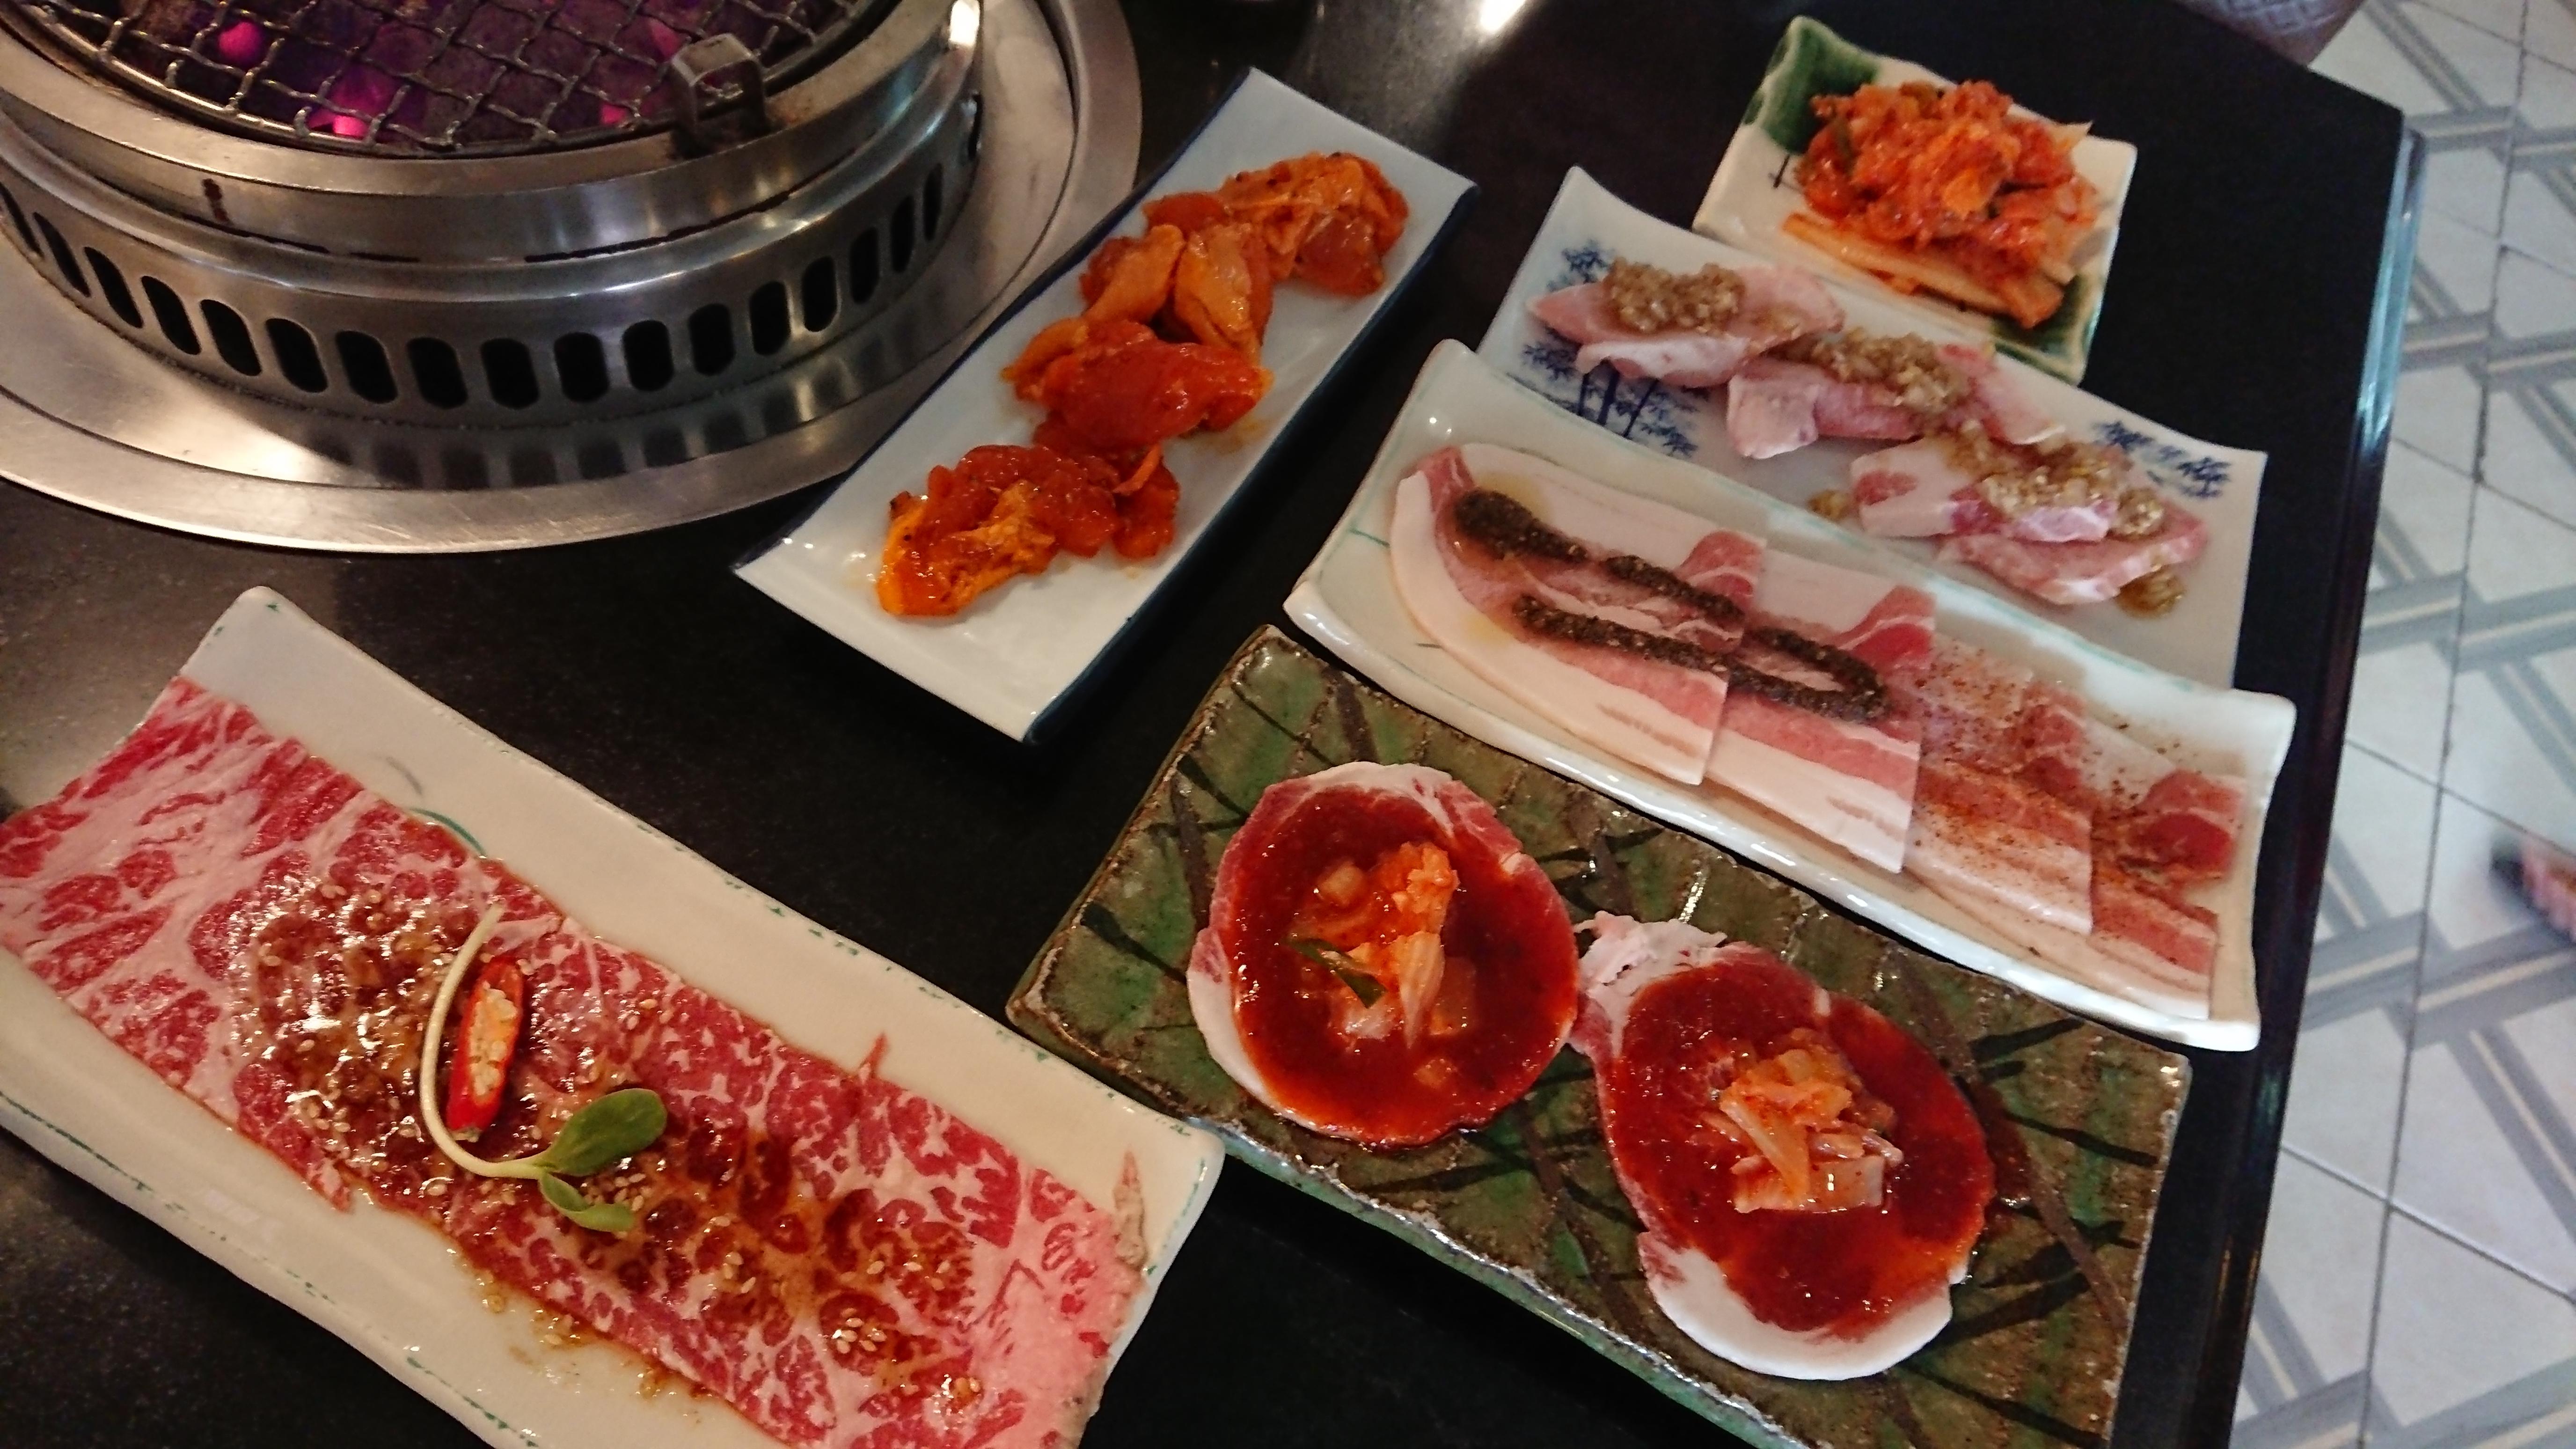 焼肉Giants(ジャイアンツ)/ アユタヤでリーズナブルに焼肉を食べたい時にオススメ!